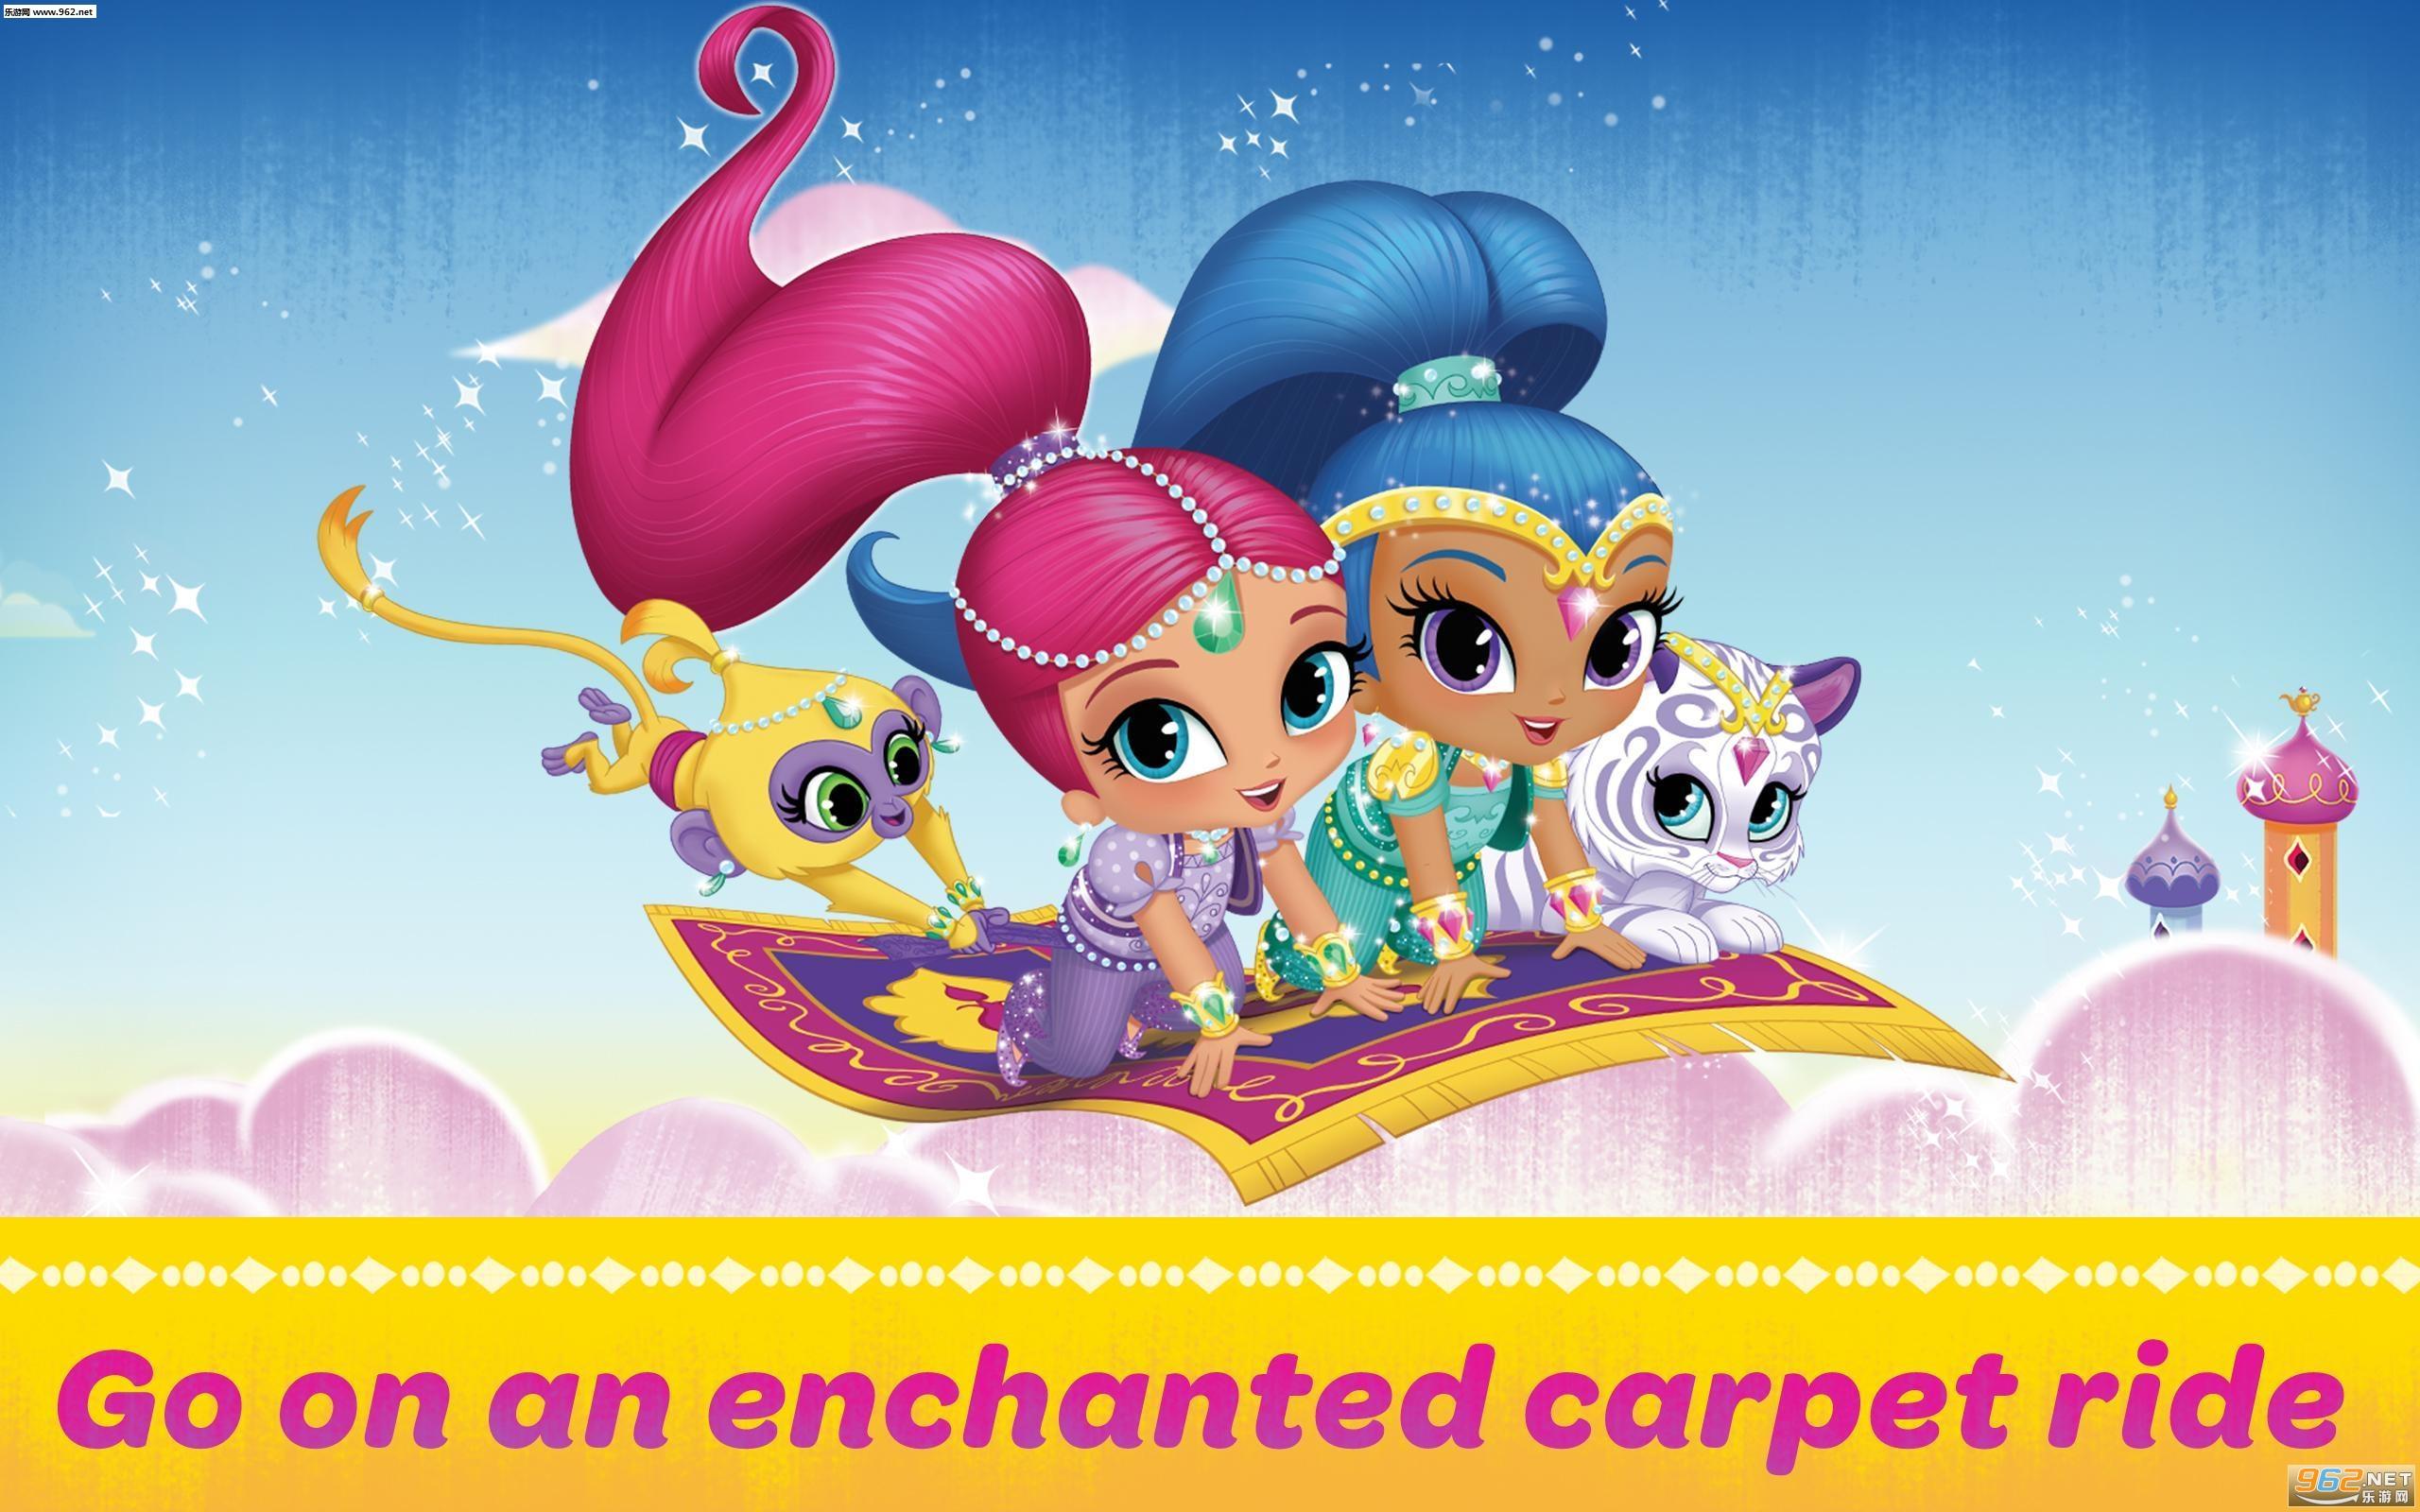 愿望精灵小姐妹:飞毯之旅(Shimmer and Shine: Carpet Ride)是Nickelodeon开发的一款休闲飞行游戏。 愿望精灵小姐妹是尼克公司继《梦幻魔法师》之后推出的又一部3-6岁档主推动画,风格上也和前者十分相似,讲的是小女孩Leah有一堆双胞胎精灵小姐妹,她们可以每天实现leah的三个愿望,但是由于她们是年轻的Genies,所以也经常出错,她们是Leah的秘密帮手,平时她们要隐藏起来。